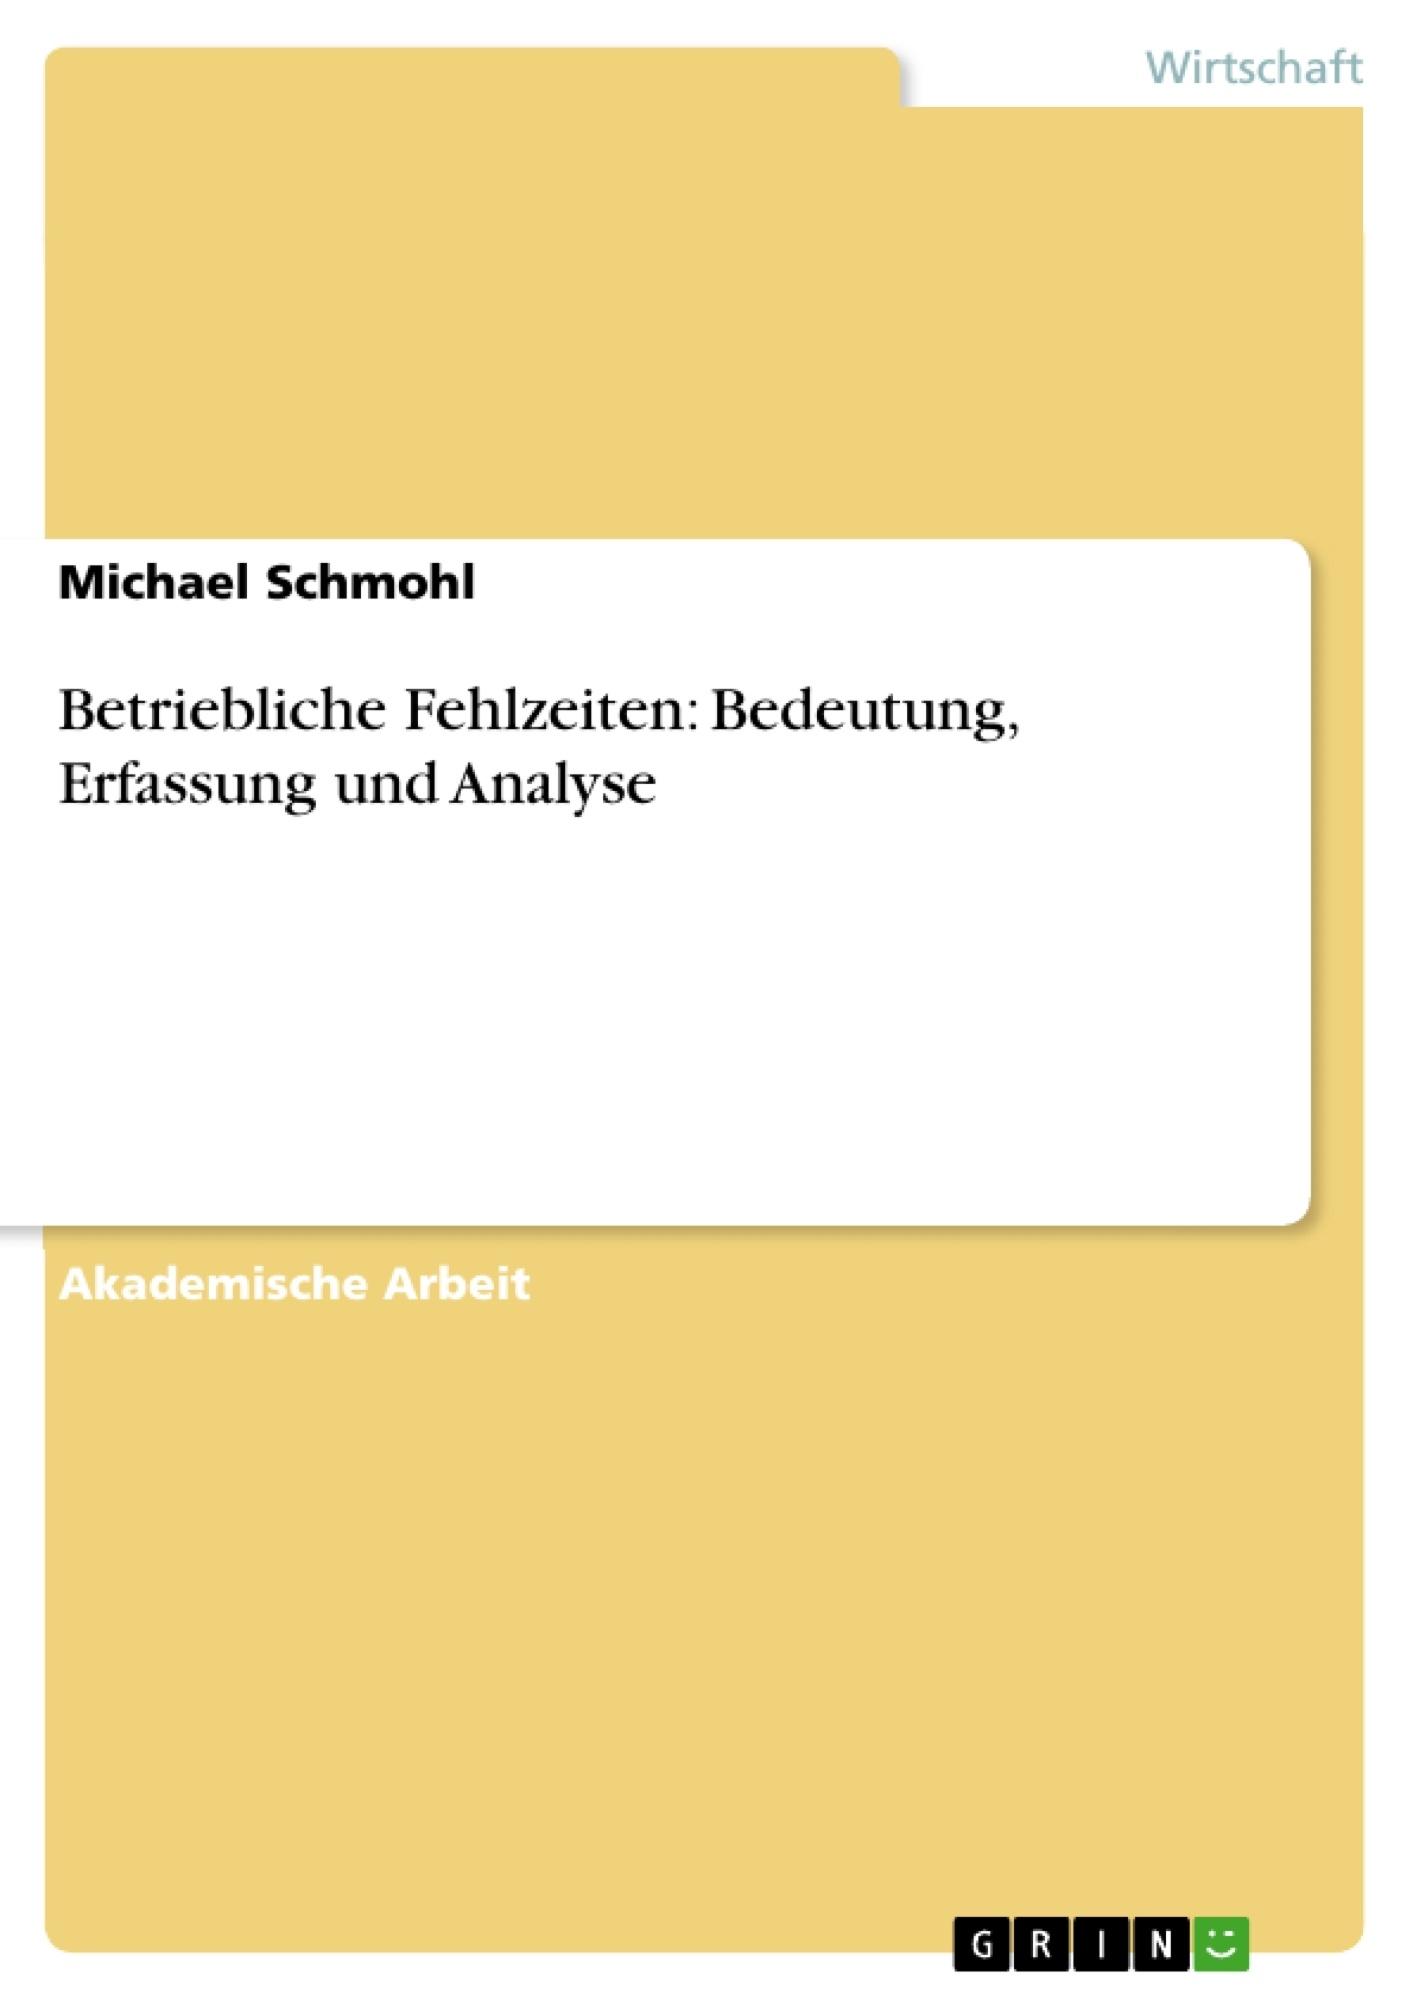 Titel: Betriebliche Fehlzeiten: Bedeutung, Erfassung und Analyse